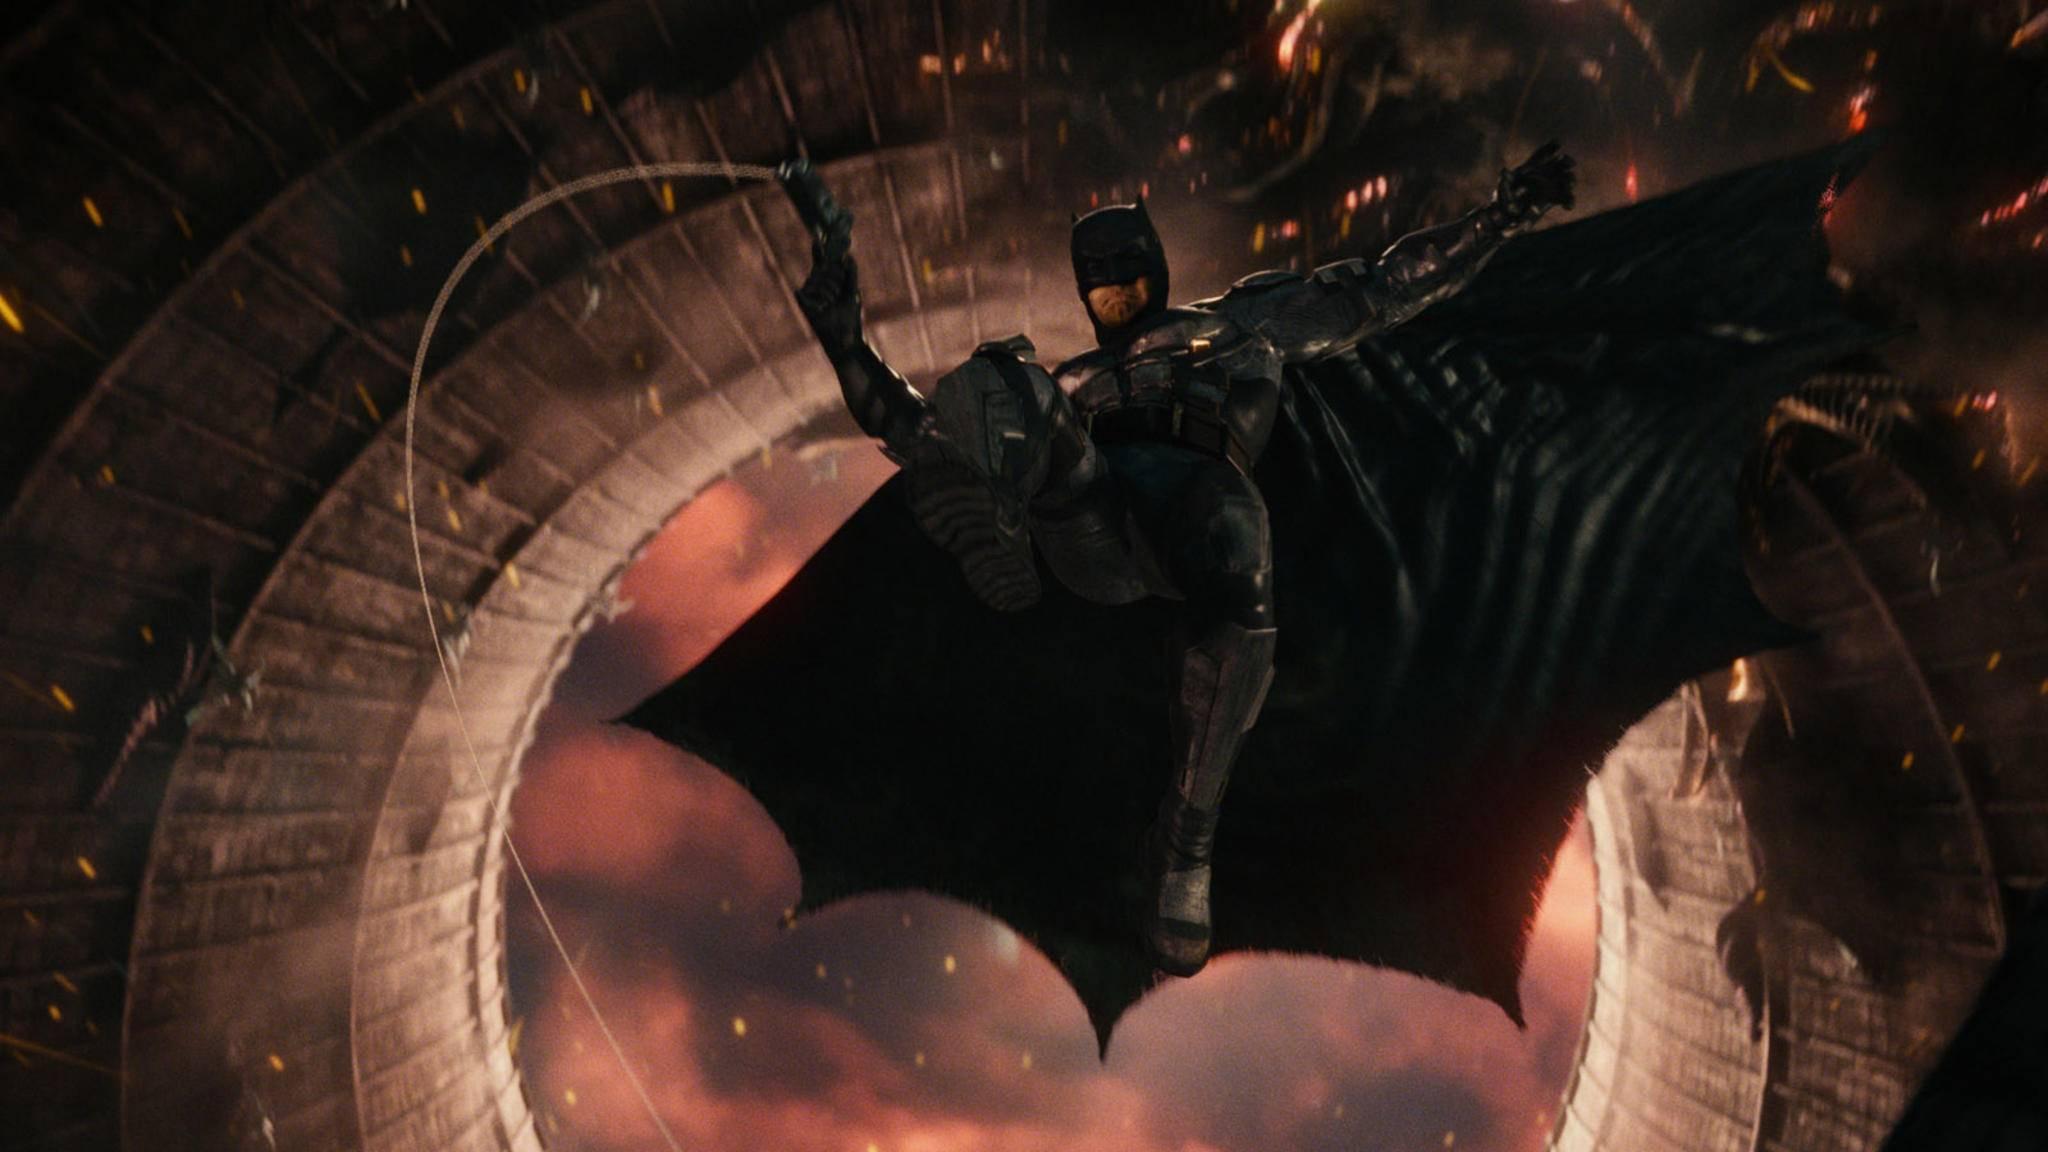 Flattert Batman bald als Albtraum-Gestalt in einem Horrorfilm heran?